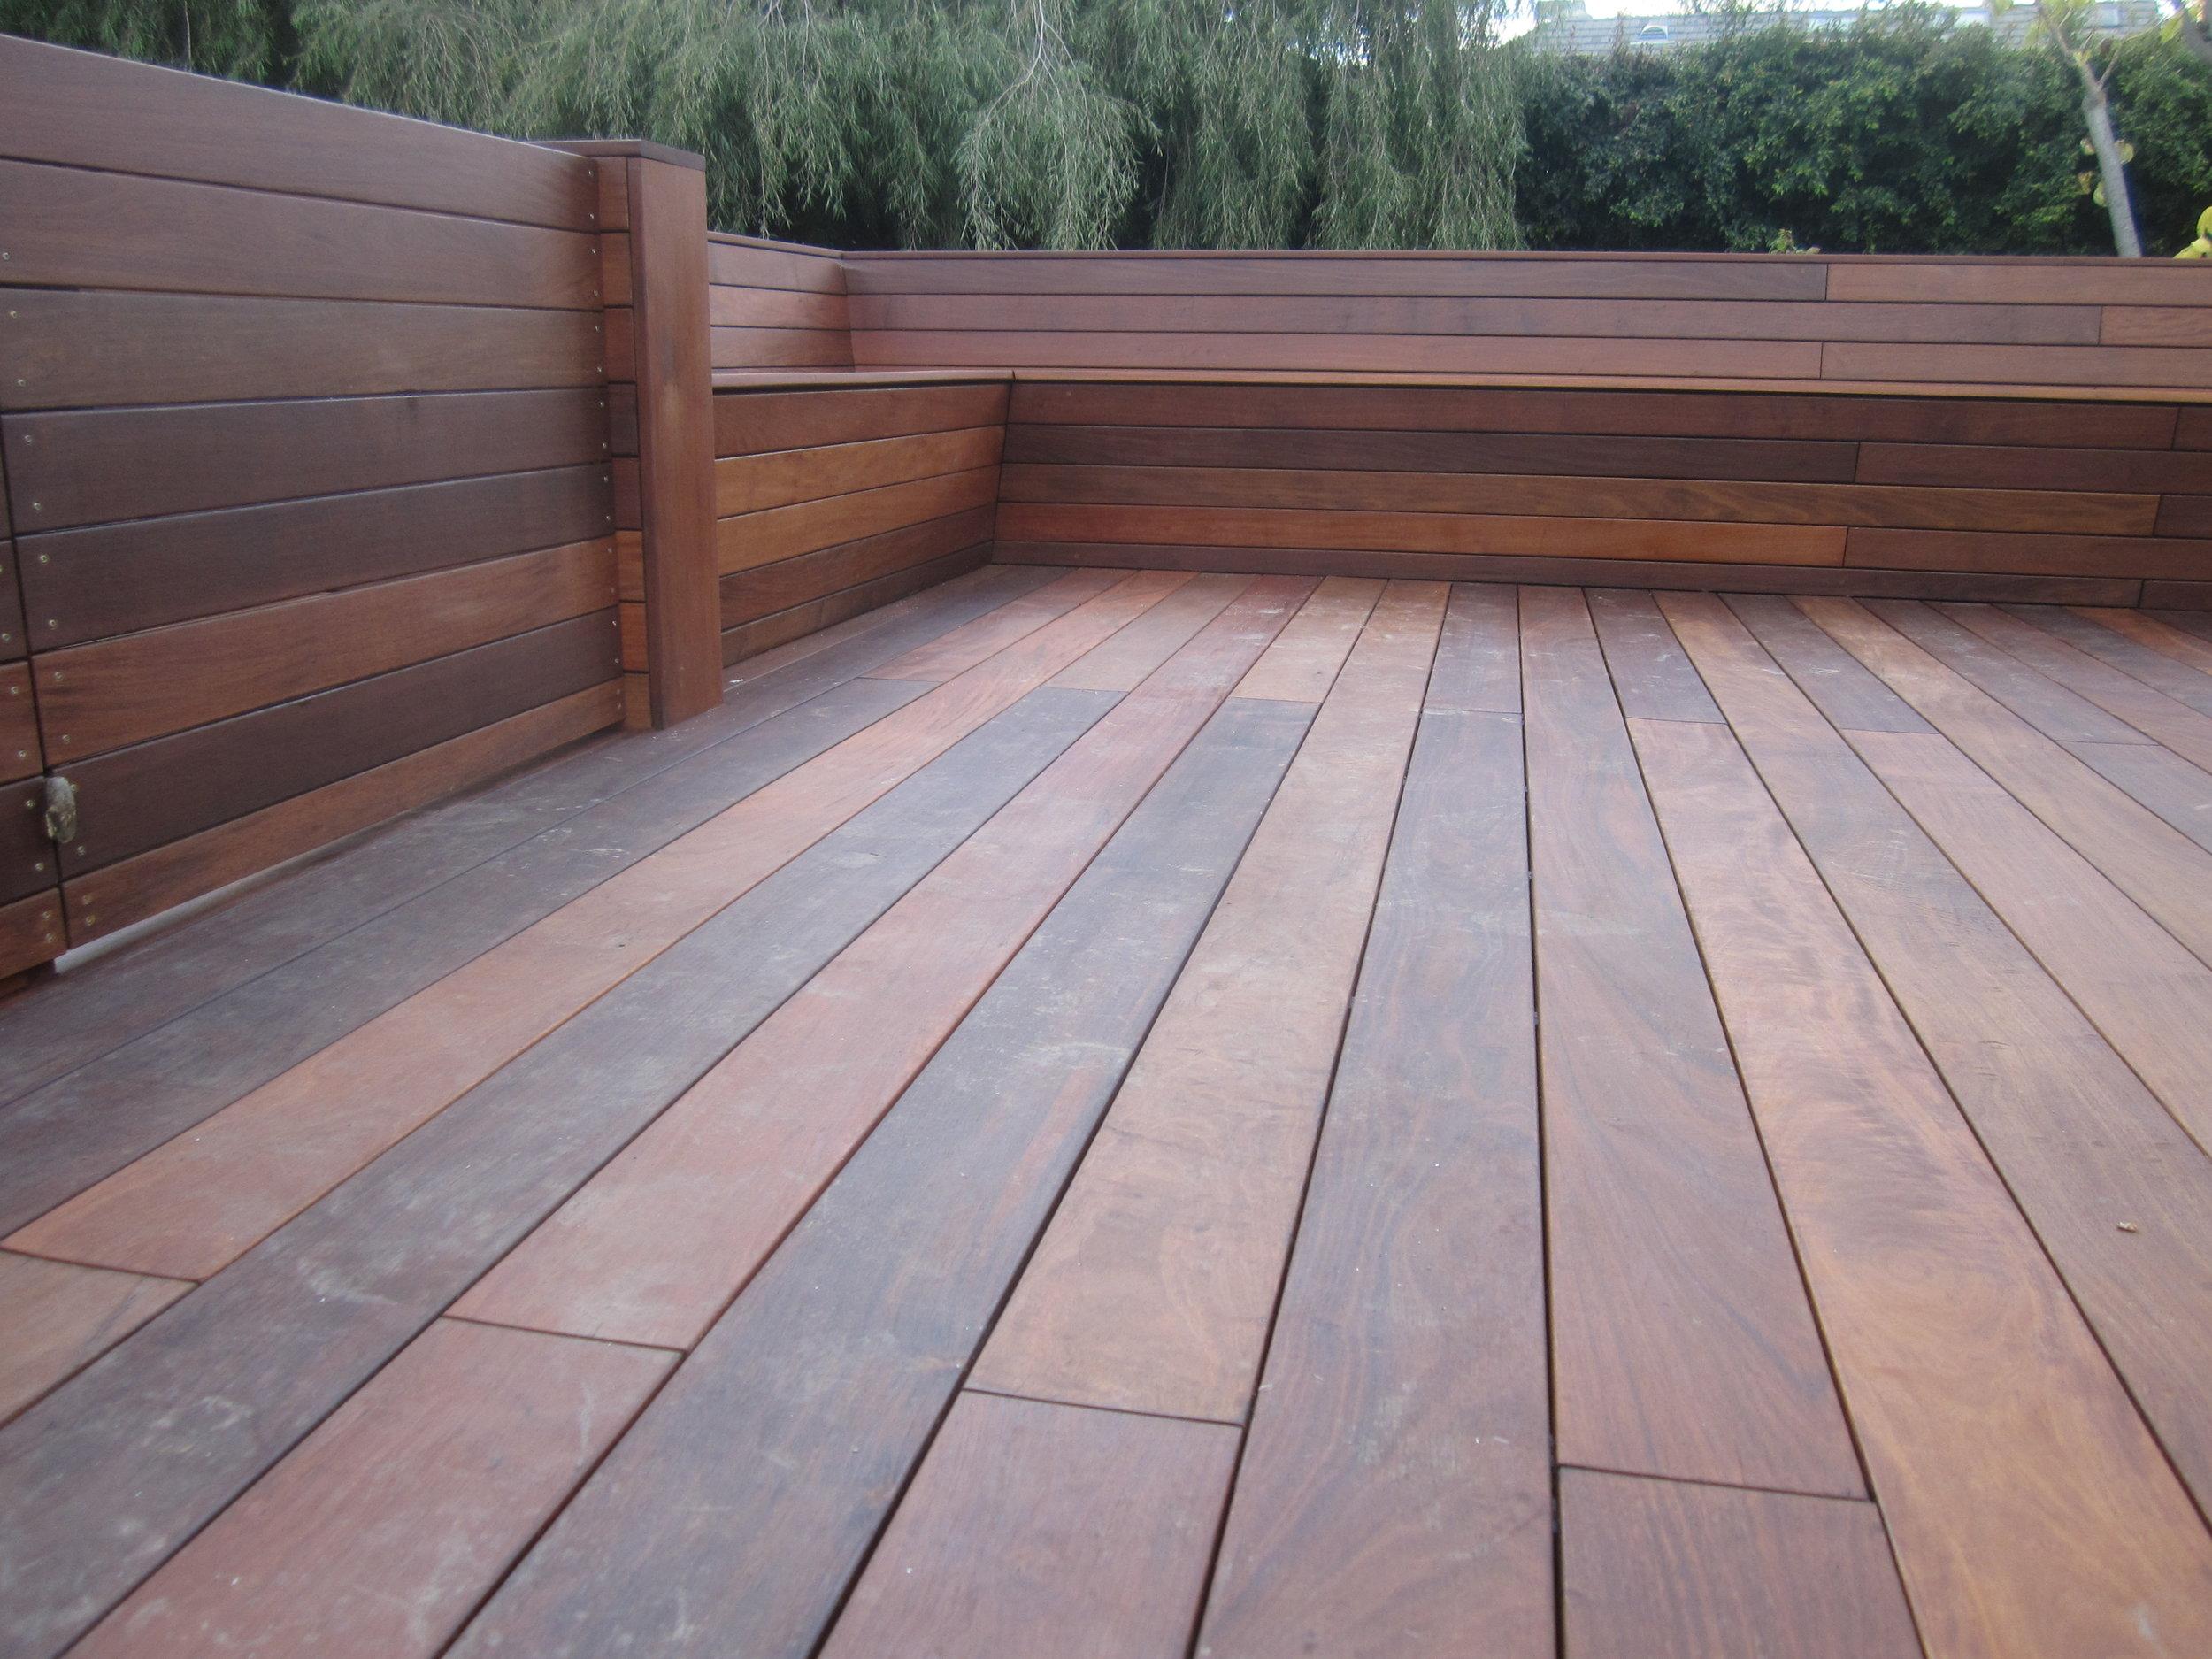 carpenter-goias-home-improvement-newjersey (9).jpg